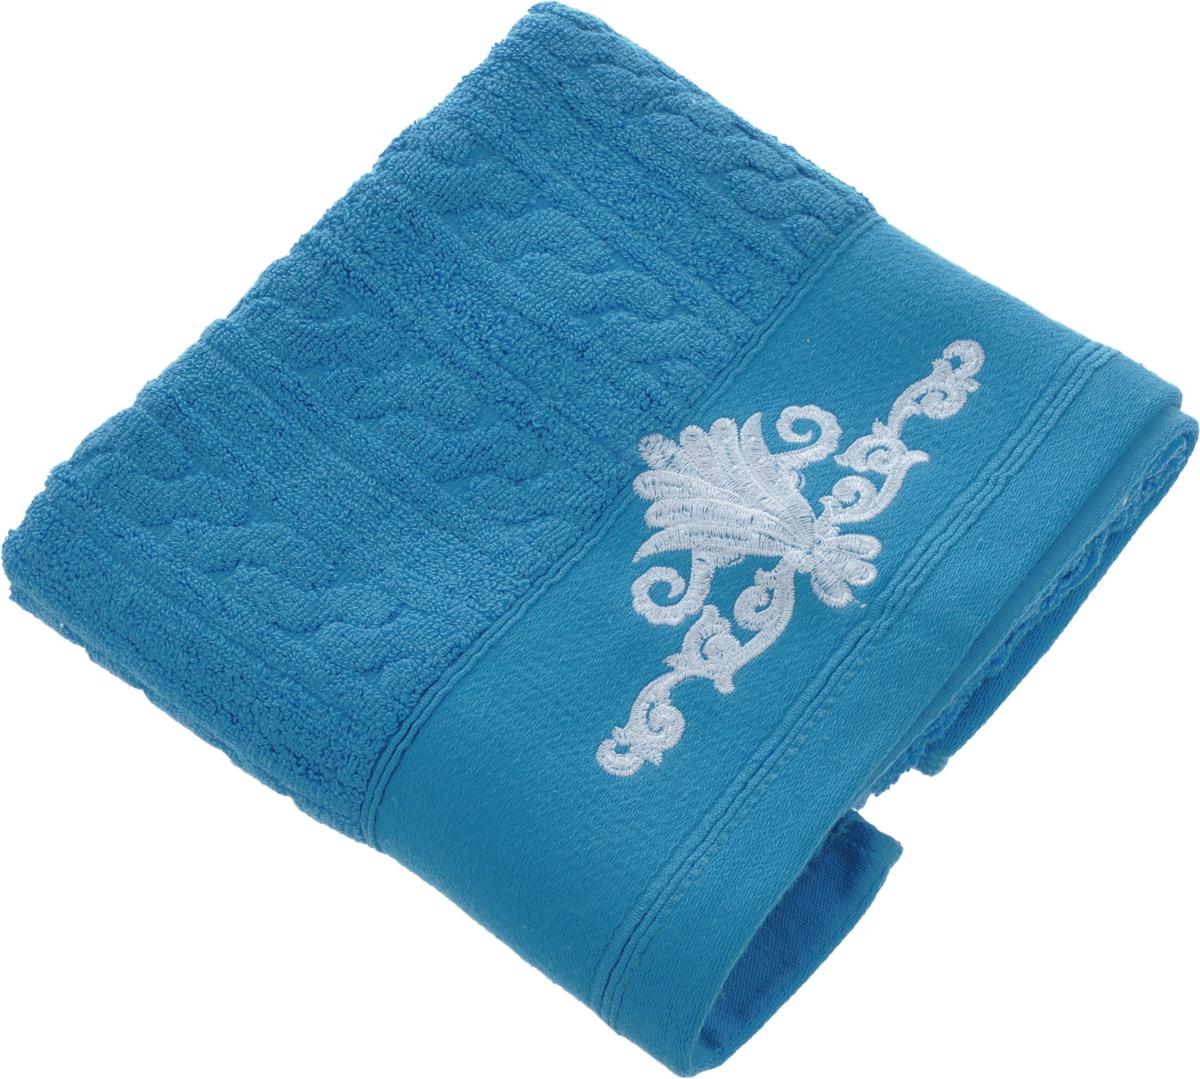 Полотенце Soavita Paolo, цвет: светло-синий, 50 х 90 см68/5/2Махровое полотенце Soavita Paolo выполнено из 100% хлопка. Изделие отлично впитывает влагу, быстро сохнет, сохраняет яркость цвета и не теряет форму даже после многократных стирок. Полотенце очень практично и неприхотливо в уходе. Оно создаст прекрасное настроение и украсит интерьер в ванной комнате.Рекомендуется стирка при температуре 40°C.